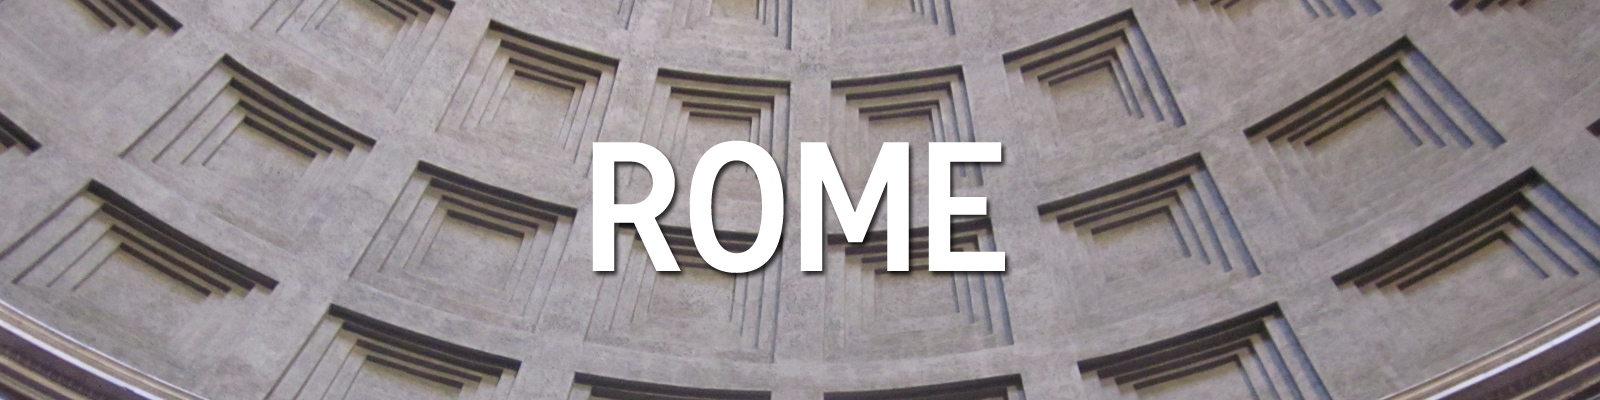 Rome Travel